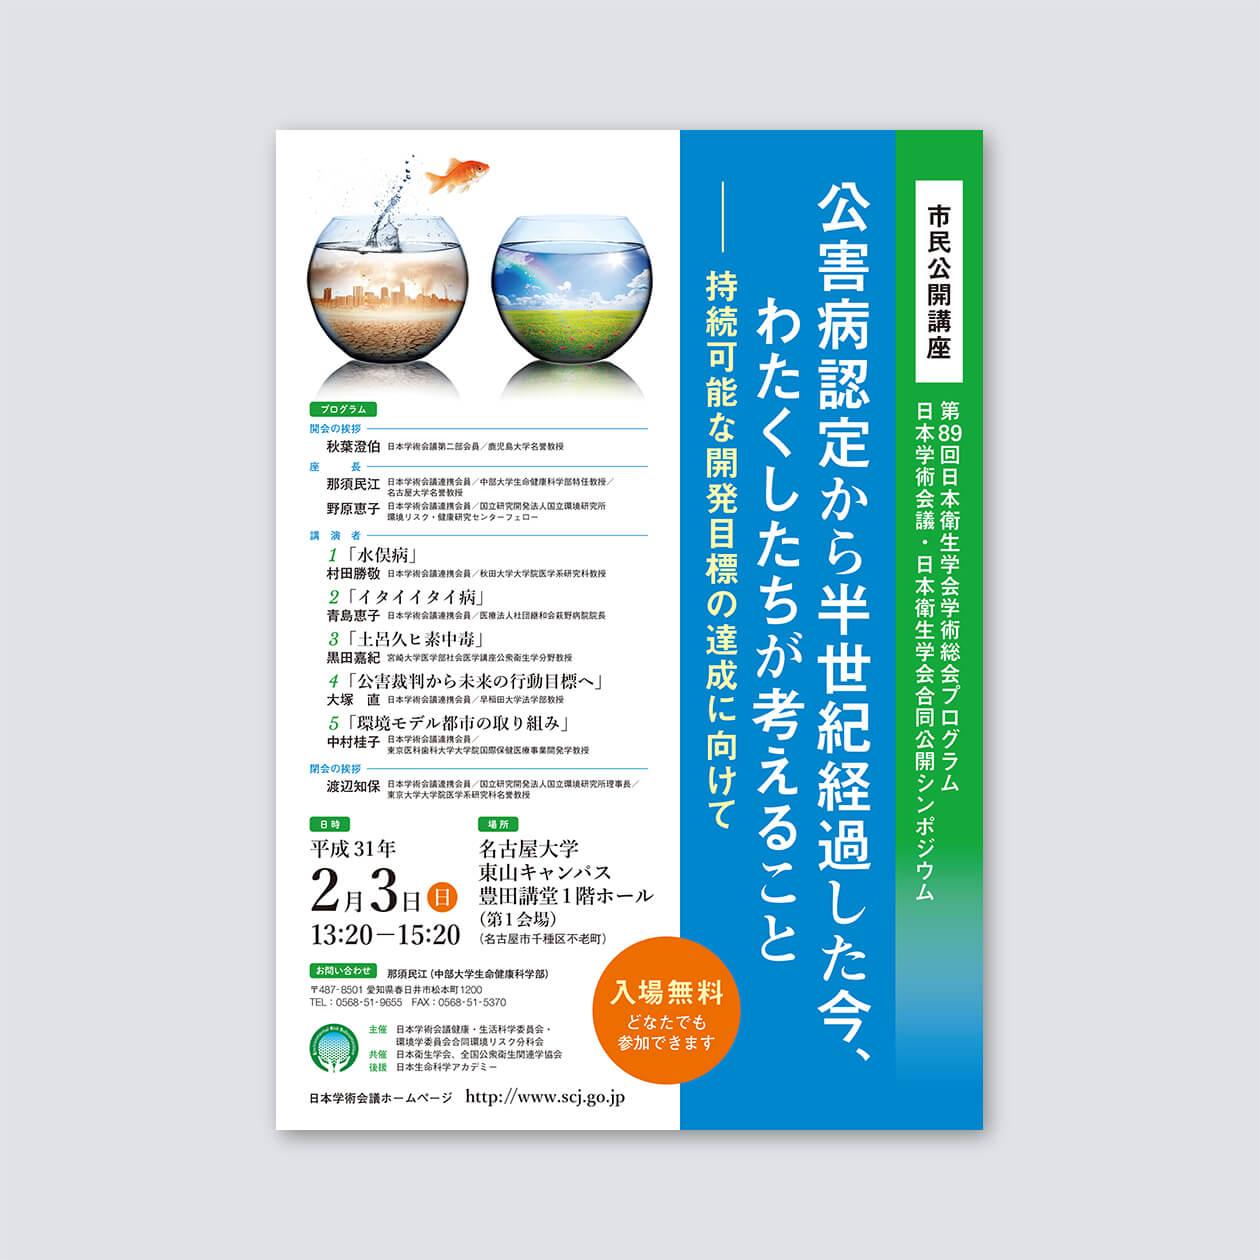 「第89回日本衛生学会学術総会プログラム 日本学術会議・日本衛生学会合同公開シンポジウム」ポスター